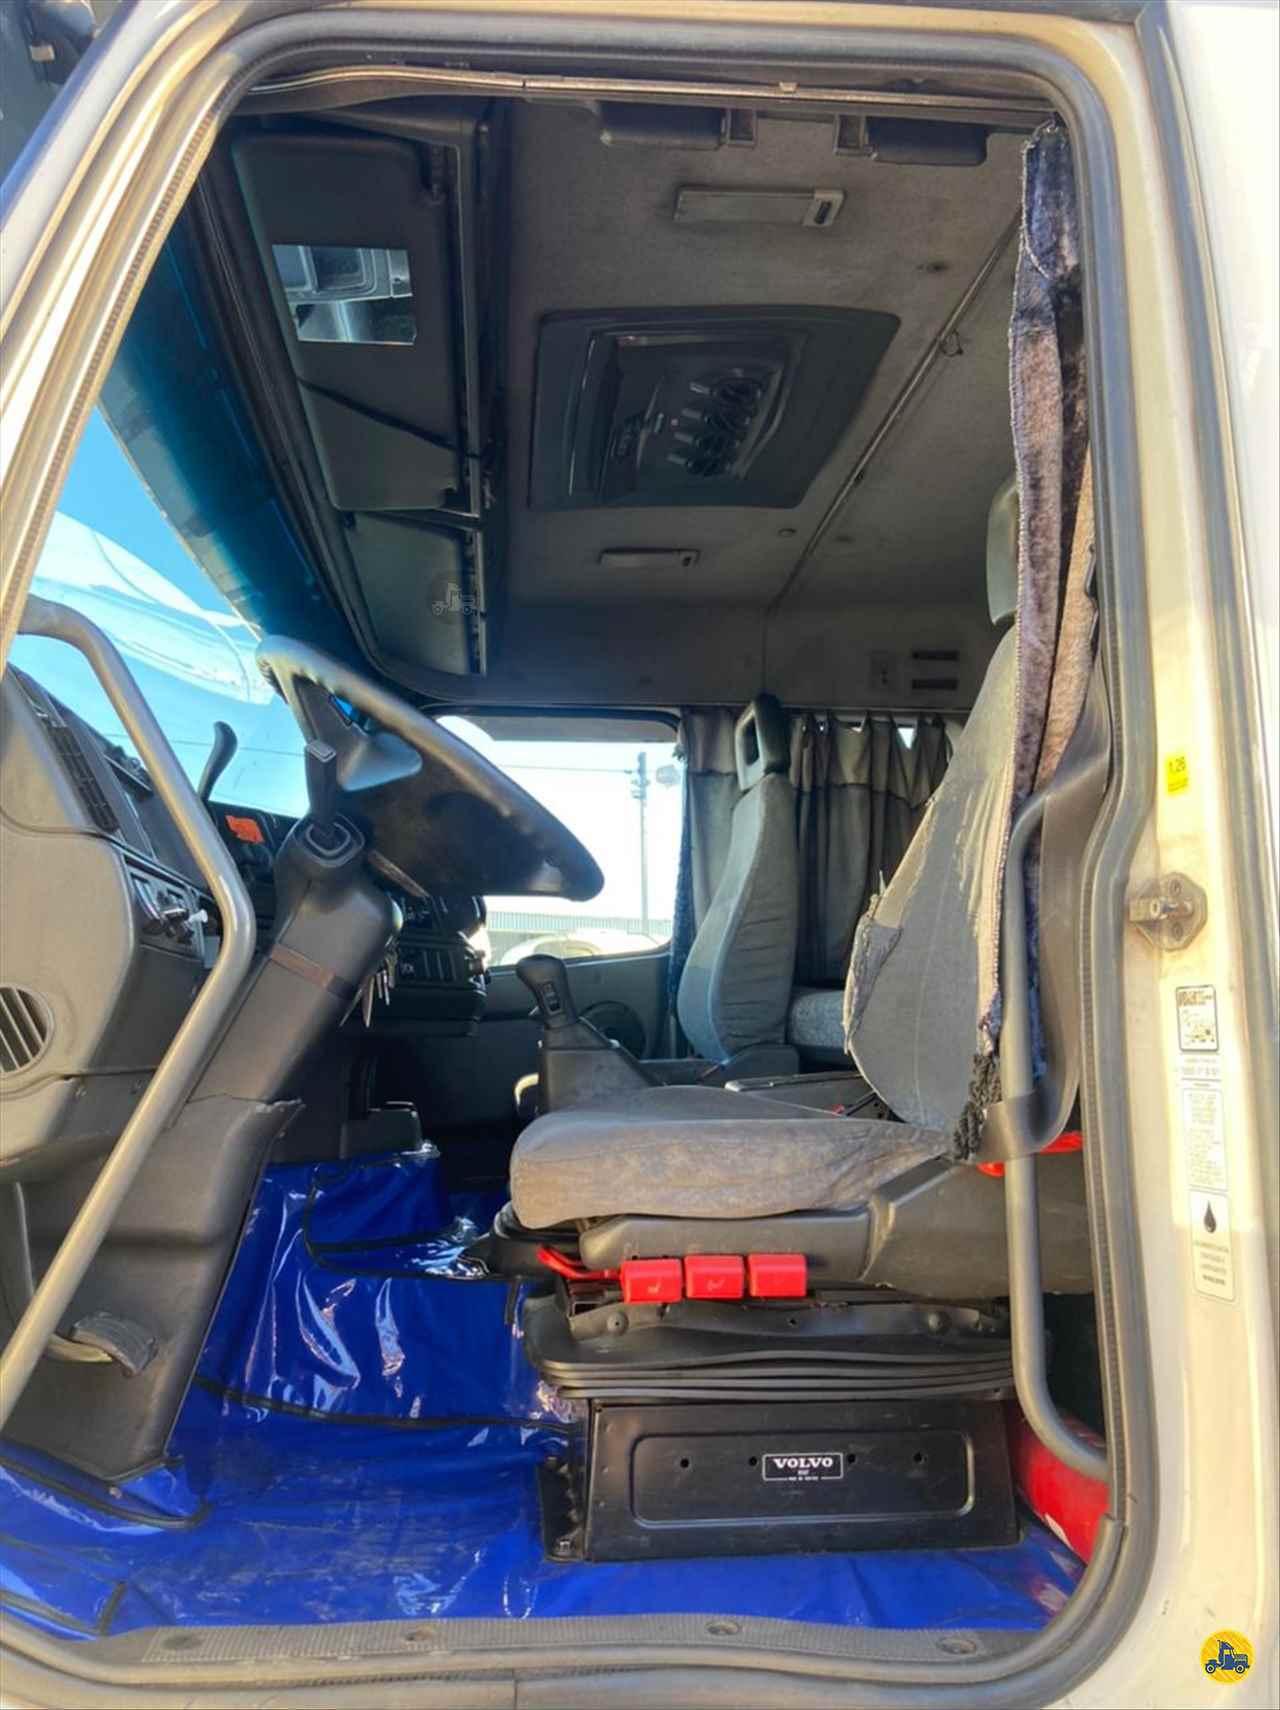 CAMINHAO VOLVO VOLVO FH12 380 Chassis Truck 6x2 Gegê Caminhões CONTAGEM MINAS GERAIS MG